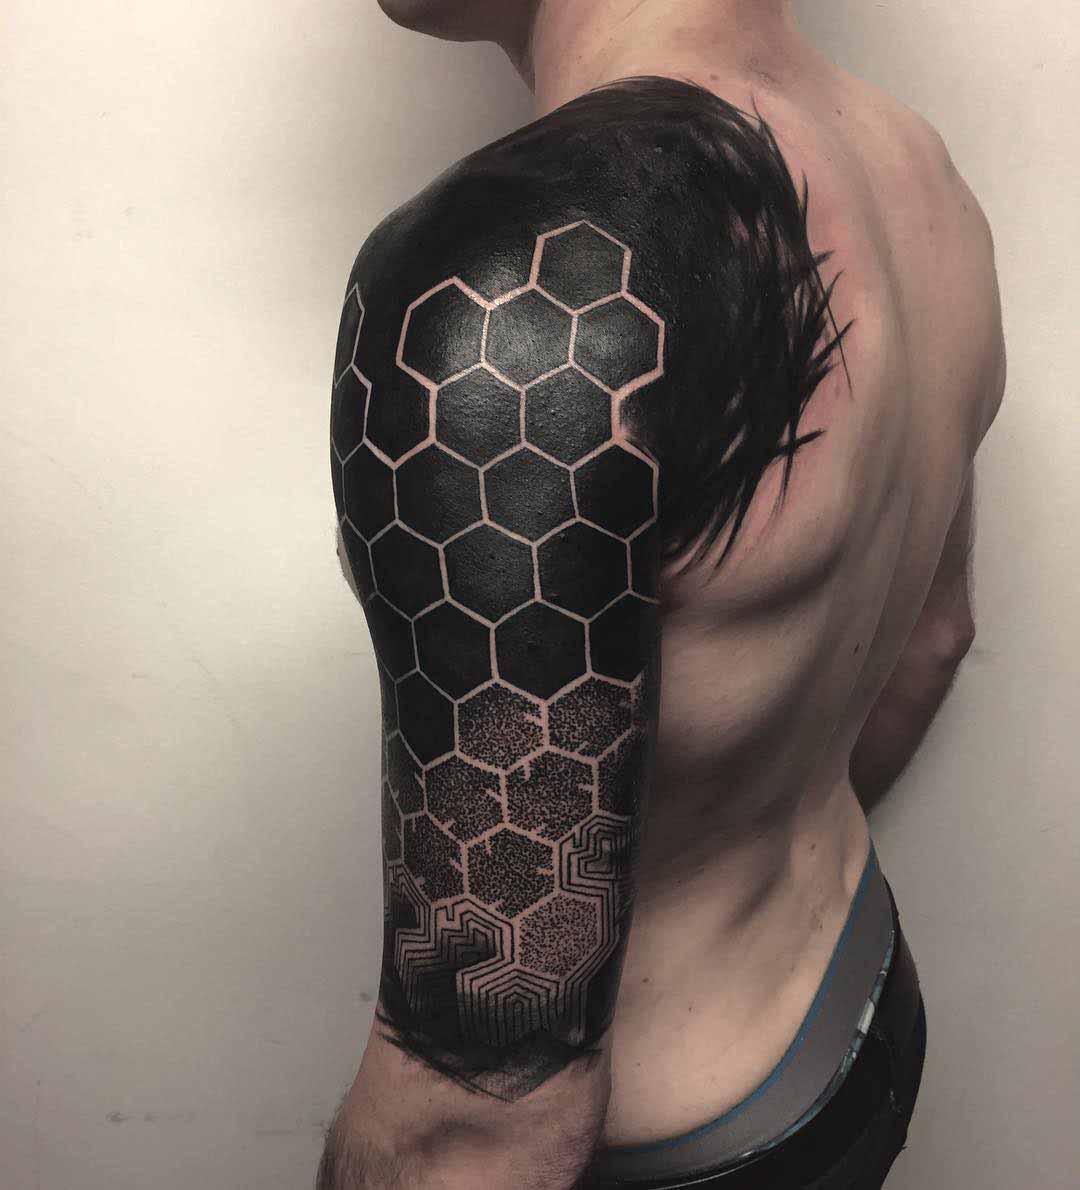 shoulder tattoo blackwork tattoo honeycomb pattern